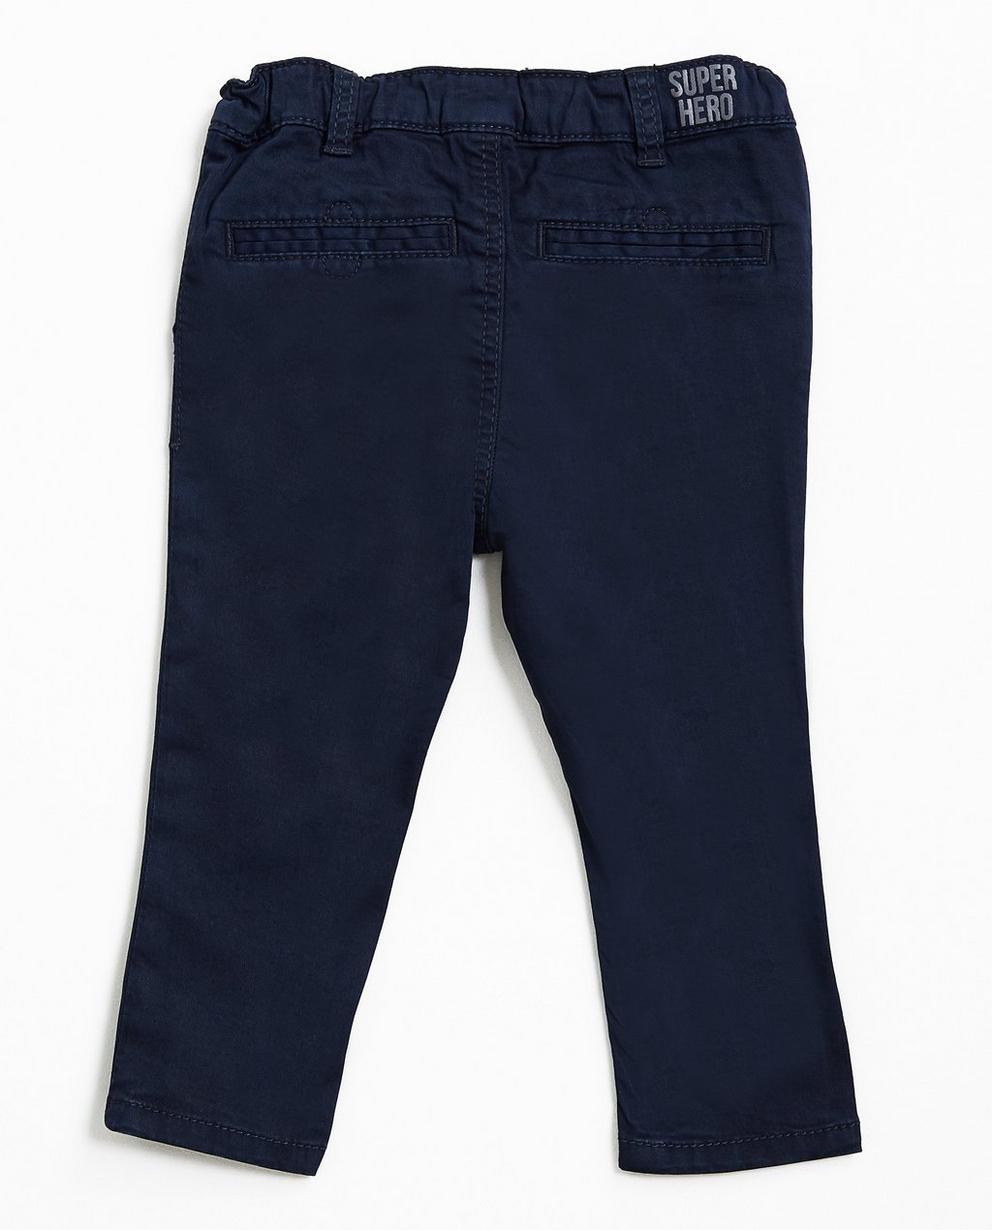 Hosen - Aqua - Nachtblauwe broek